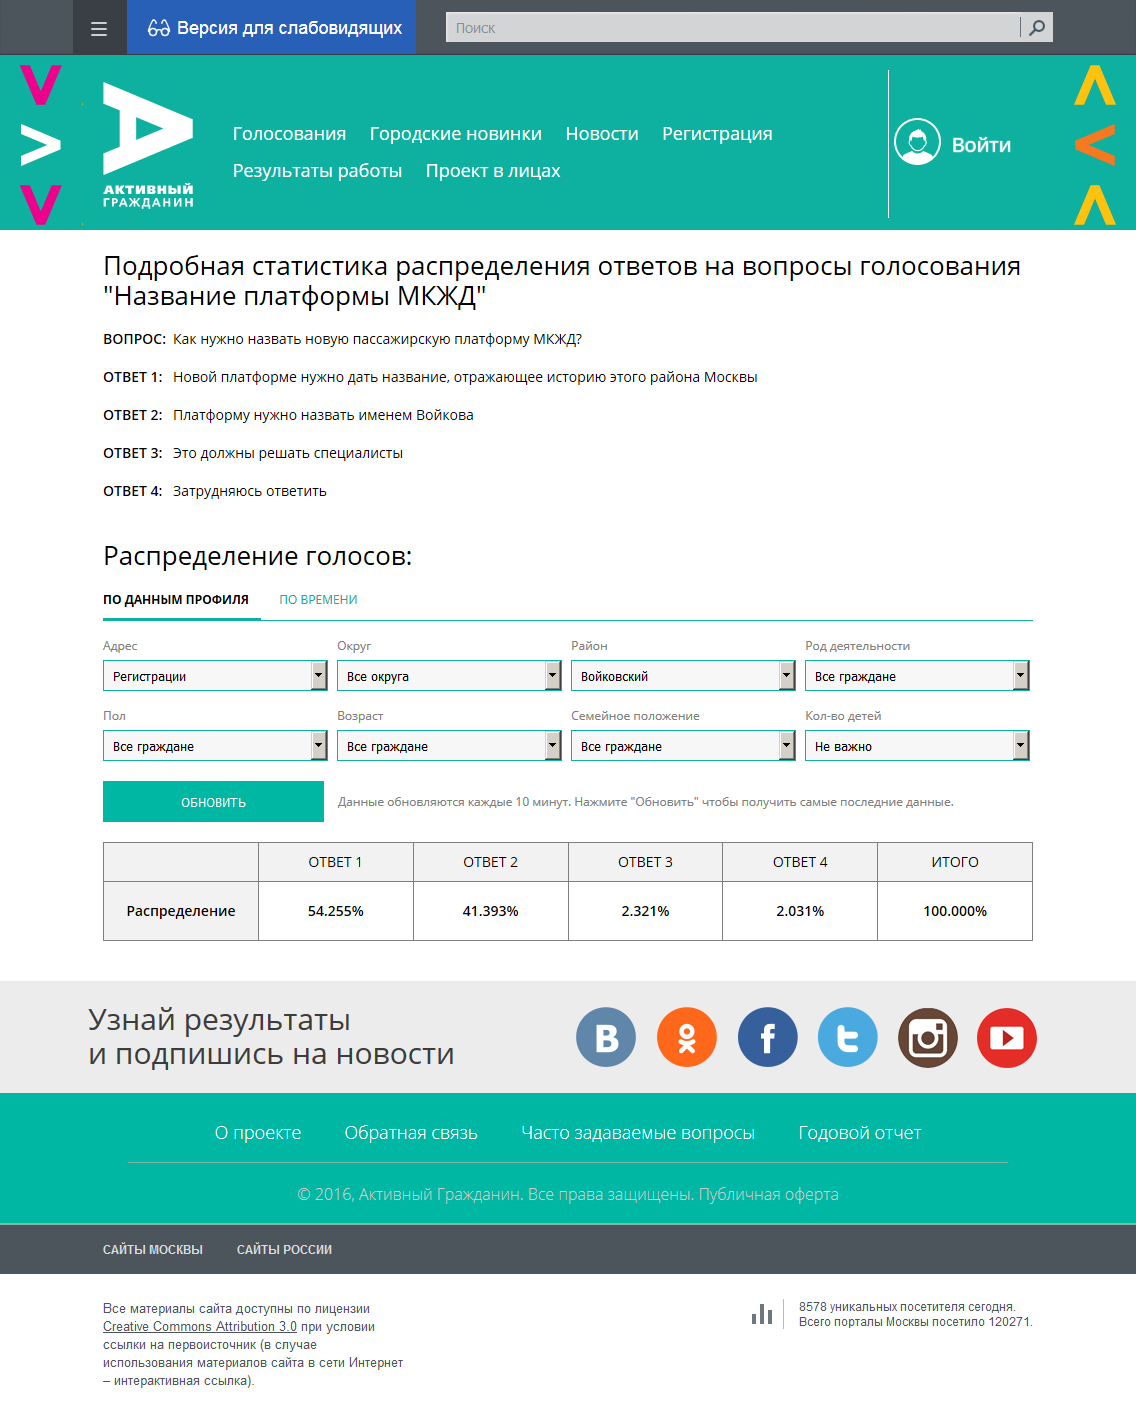 Подробная статистика распределения ответов на вопросы голосования «Название платформы МКЖД». Войковский район